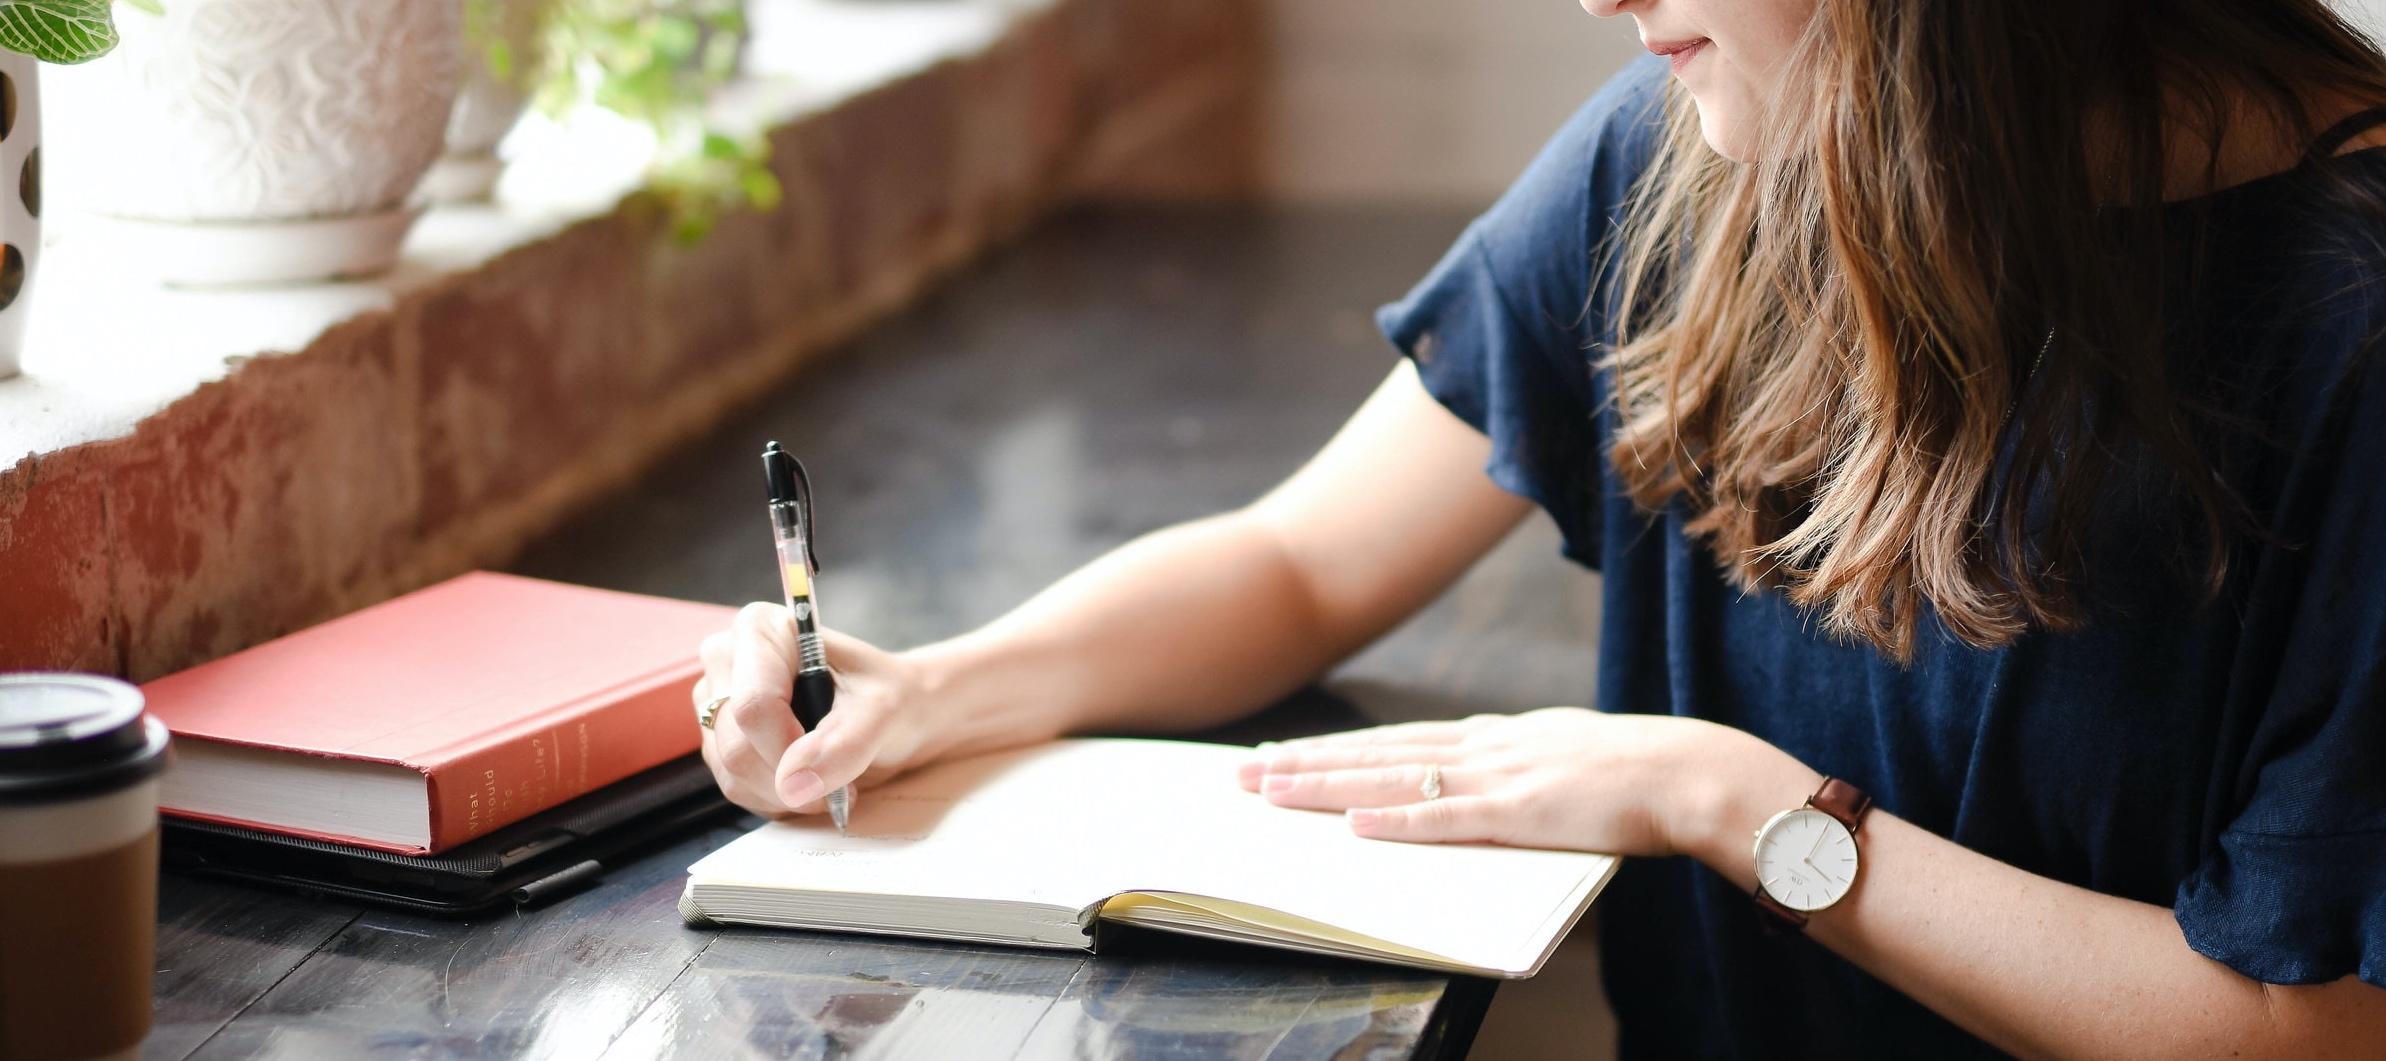 """Mein Autoren Newsletter: Die """"Notizen vom Schreibtisch"""""""